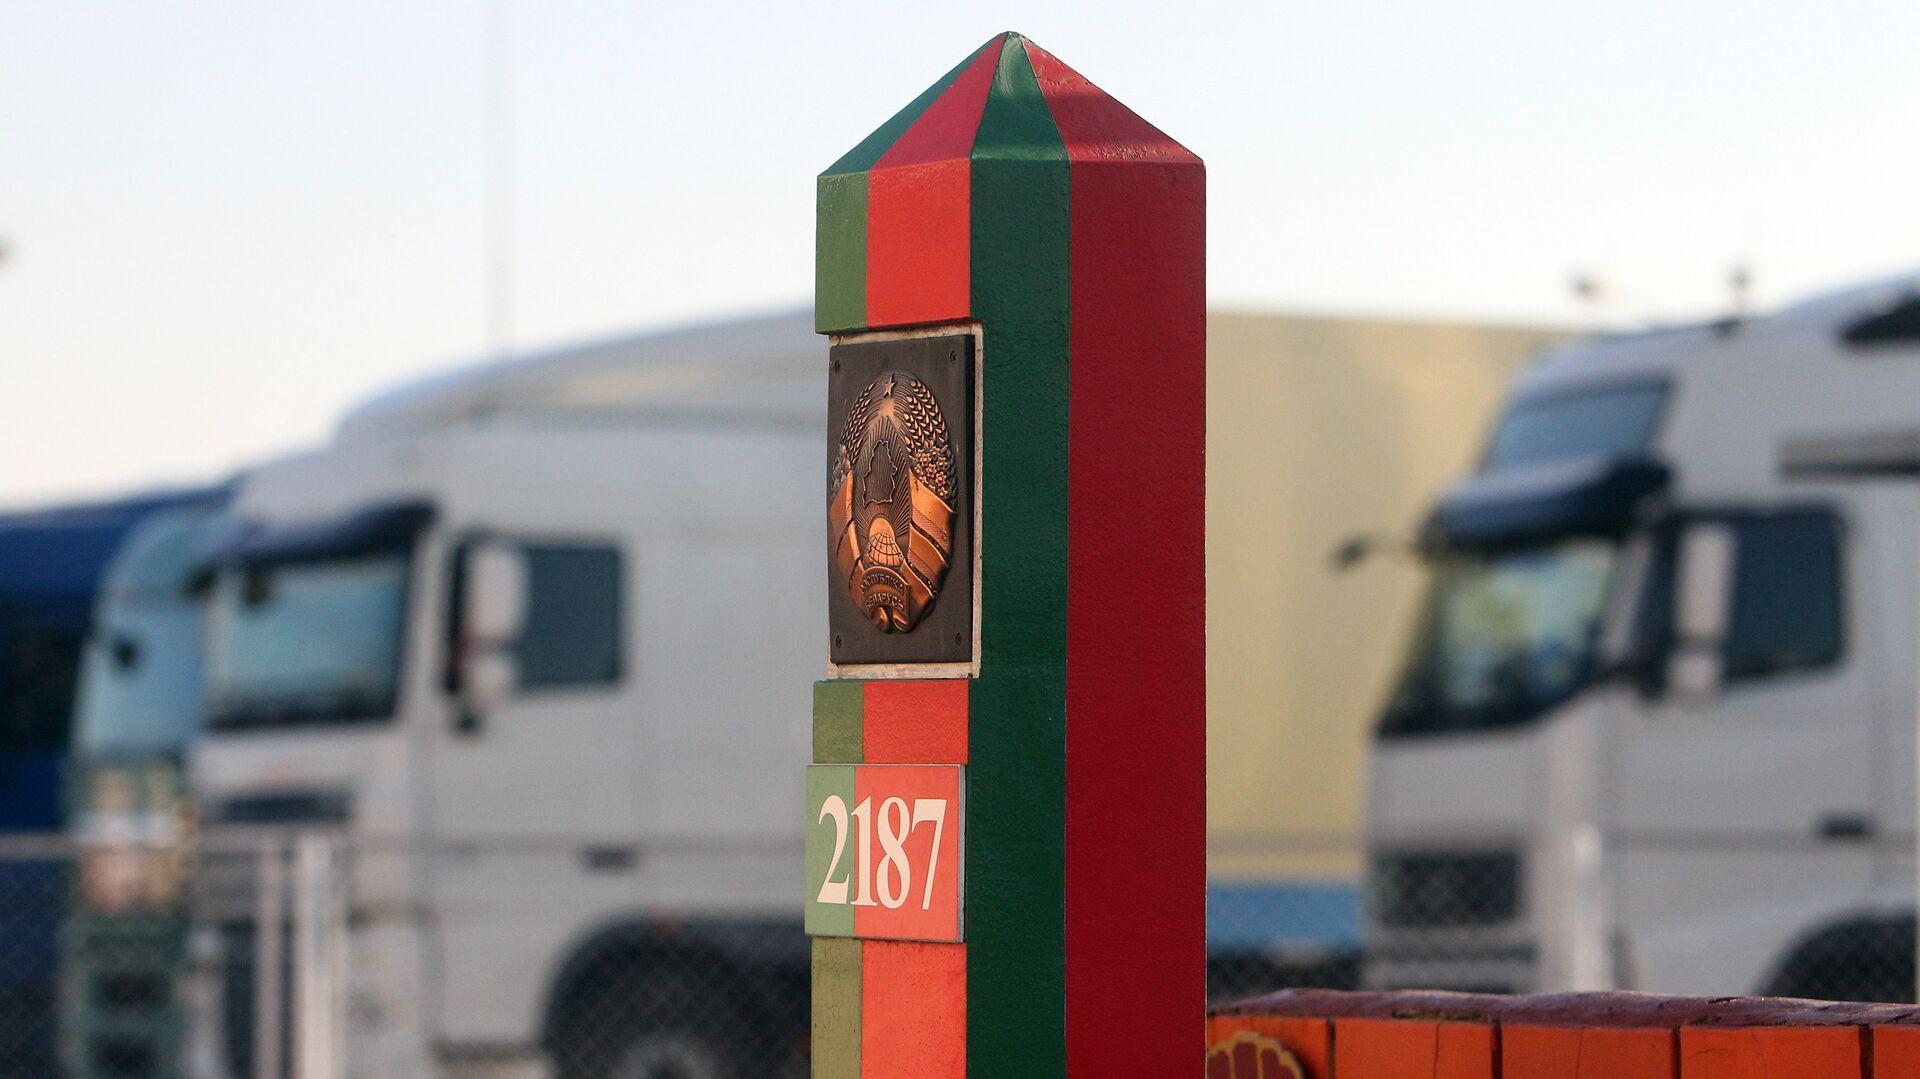 Пограничный столб на территории пограничного контрольно-пропускного пункта Козловичи в Брестской области - РИА Новости, 1920, 15.09.2021